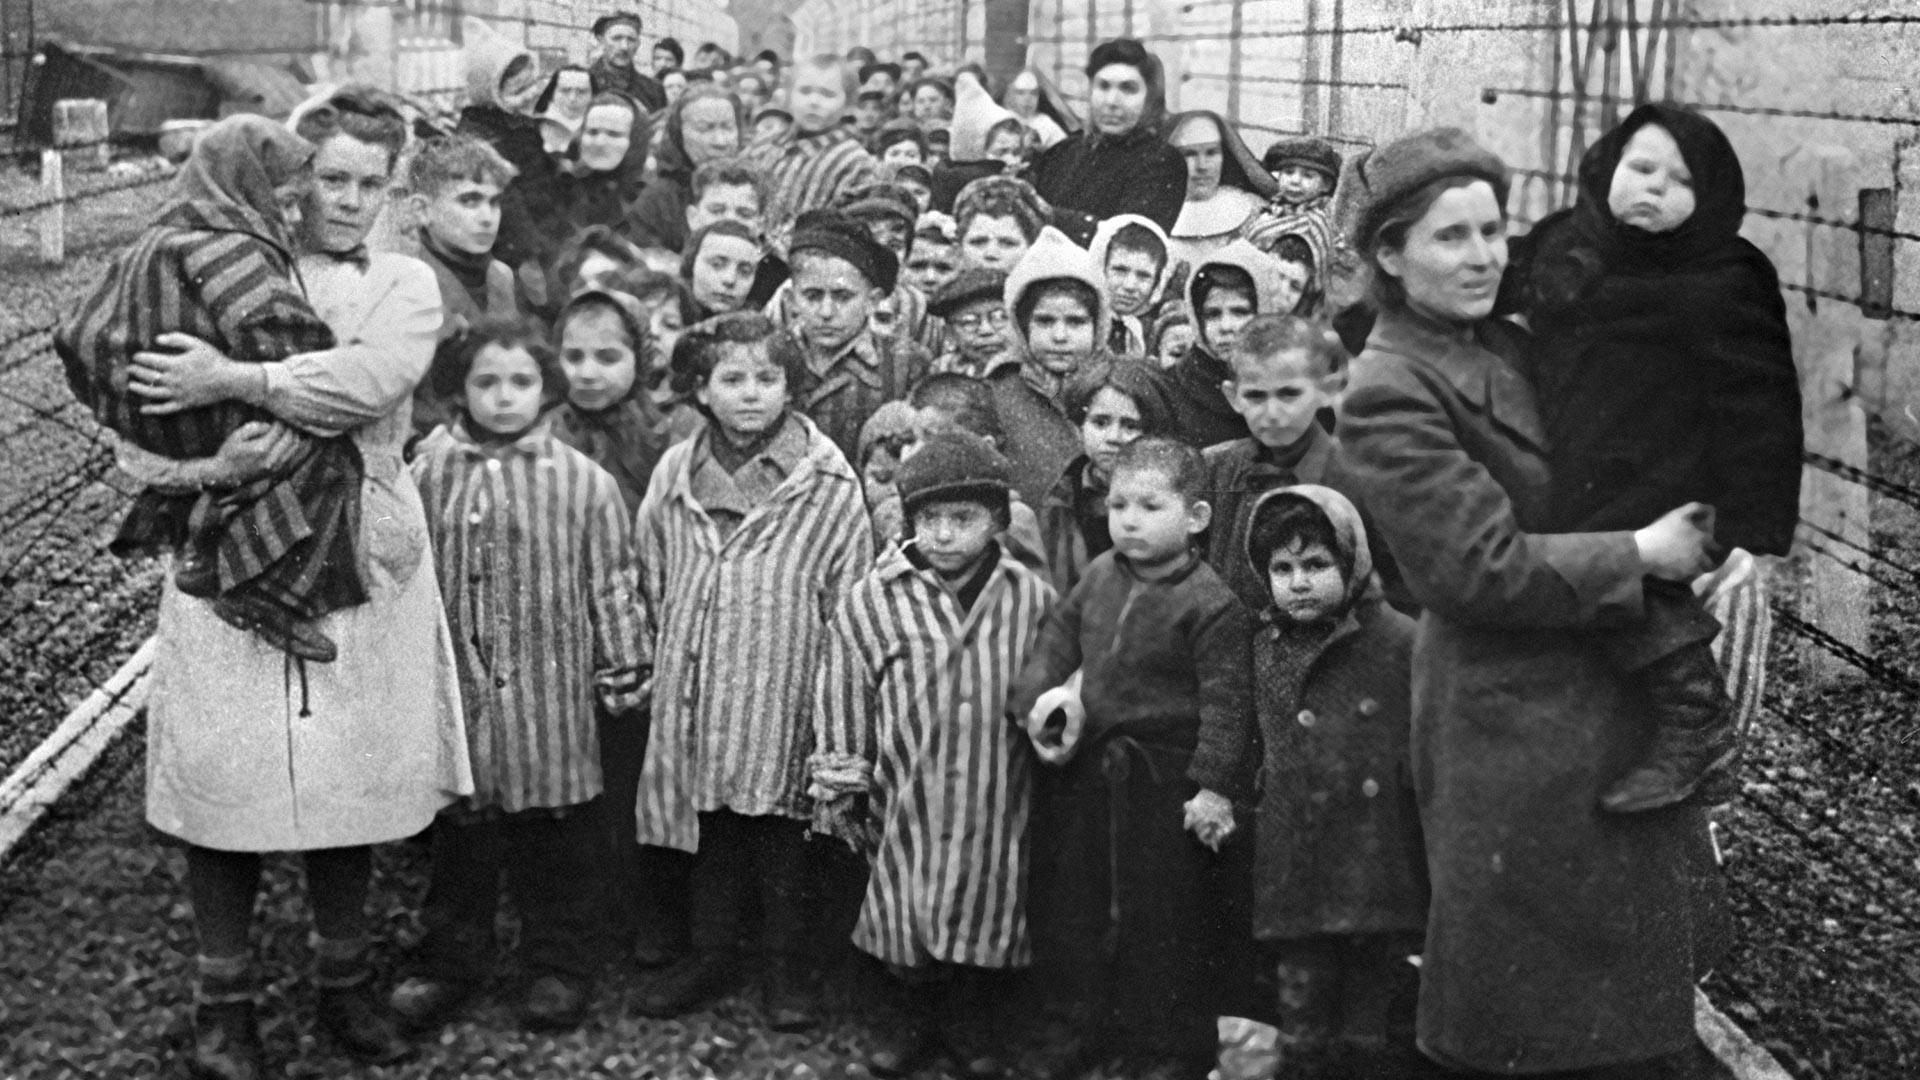 Sowjetische Ärzte und die Vertreter des Roten Kreuzes mit den Gefangenen des Auschwitz-Konzentrationslagers, nachdem das Lager von der Roten Armee Anfang Februar 1945 befreit wurde.